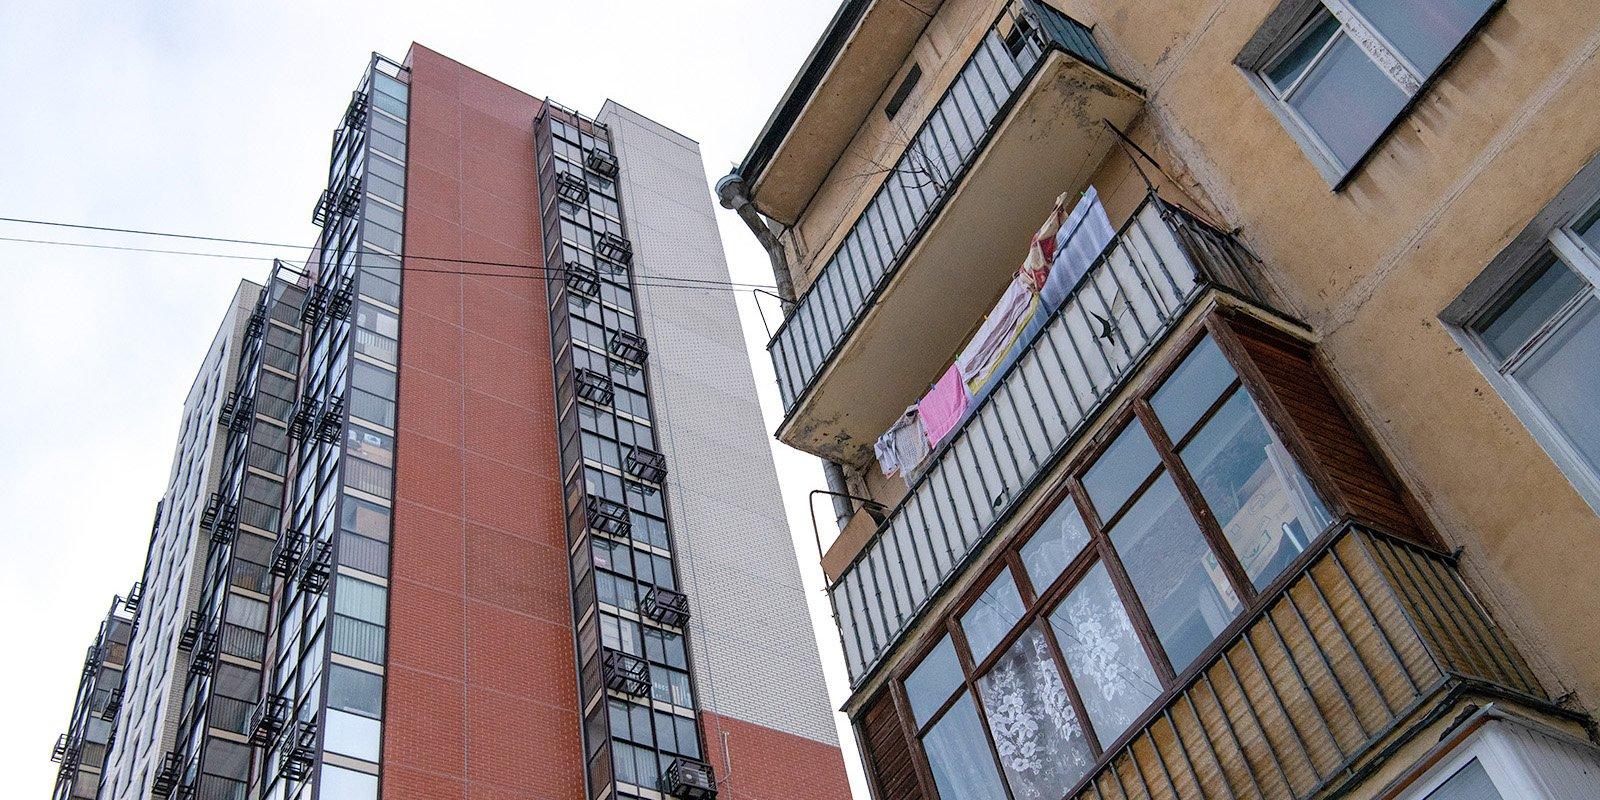 Новые квартиры по программе реновации уже получили 16 тыс. человек